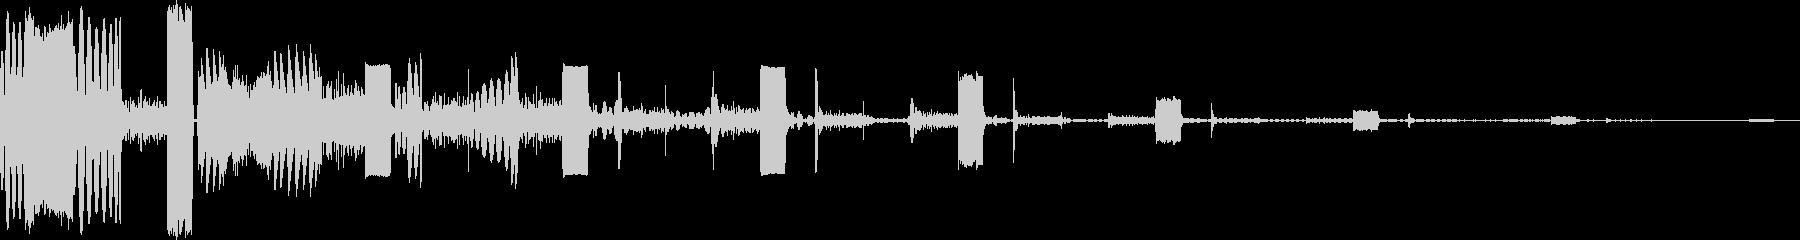 AMGアナログFX27の未再生の波形